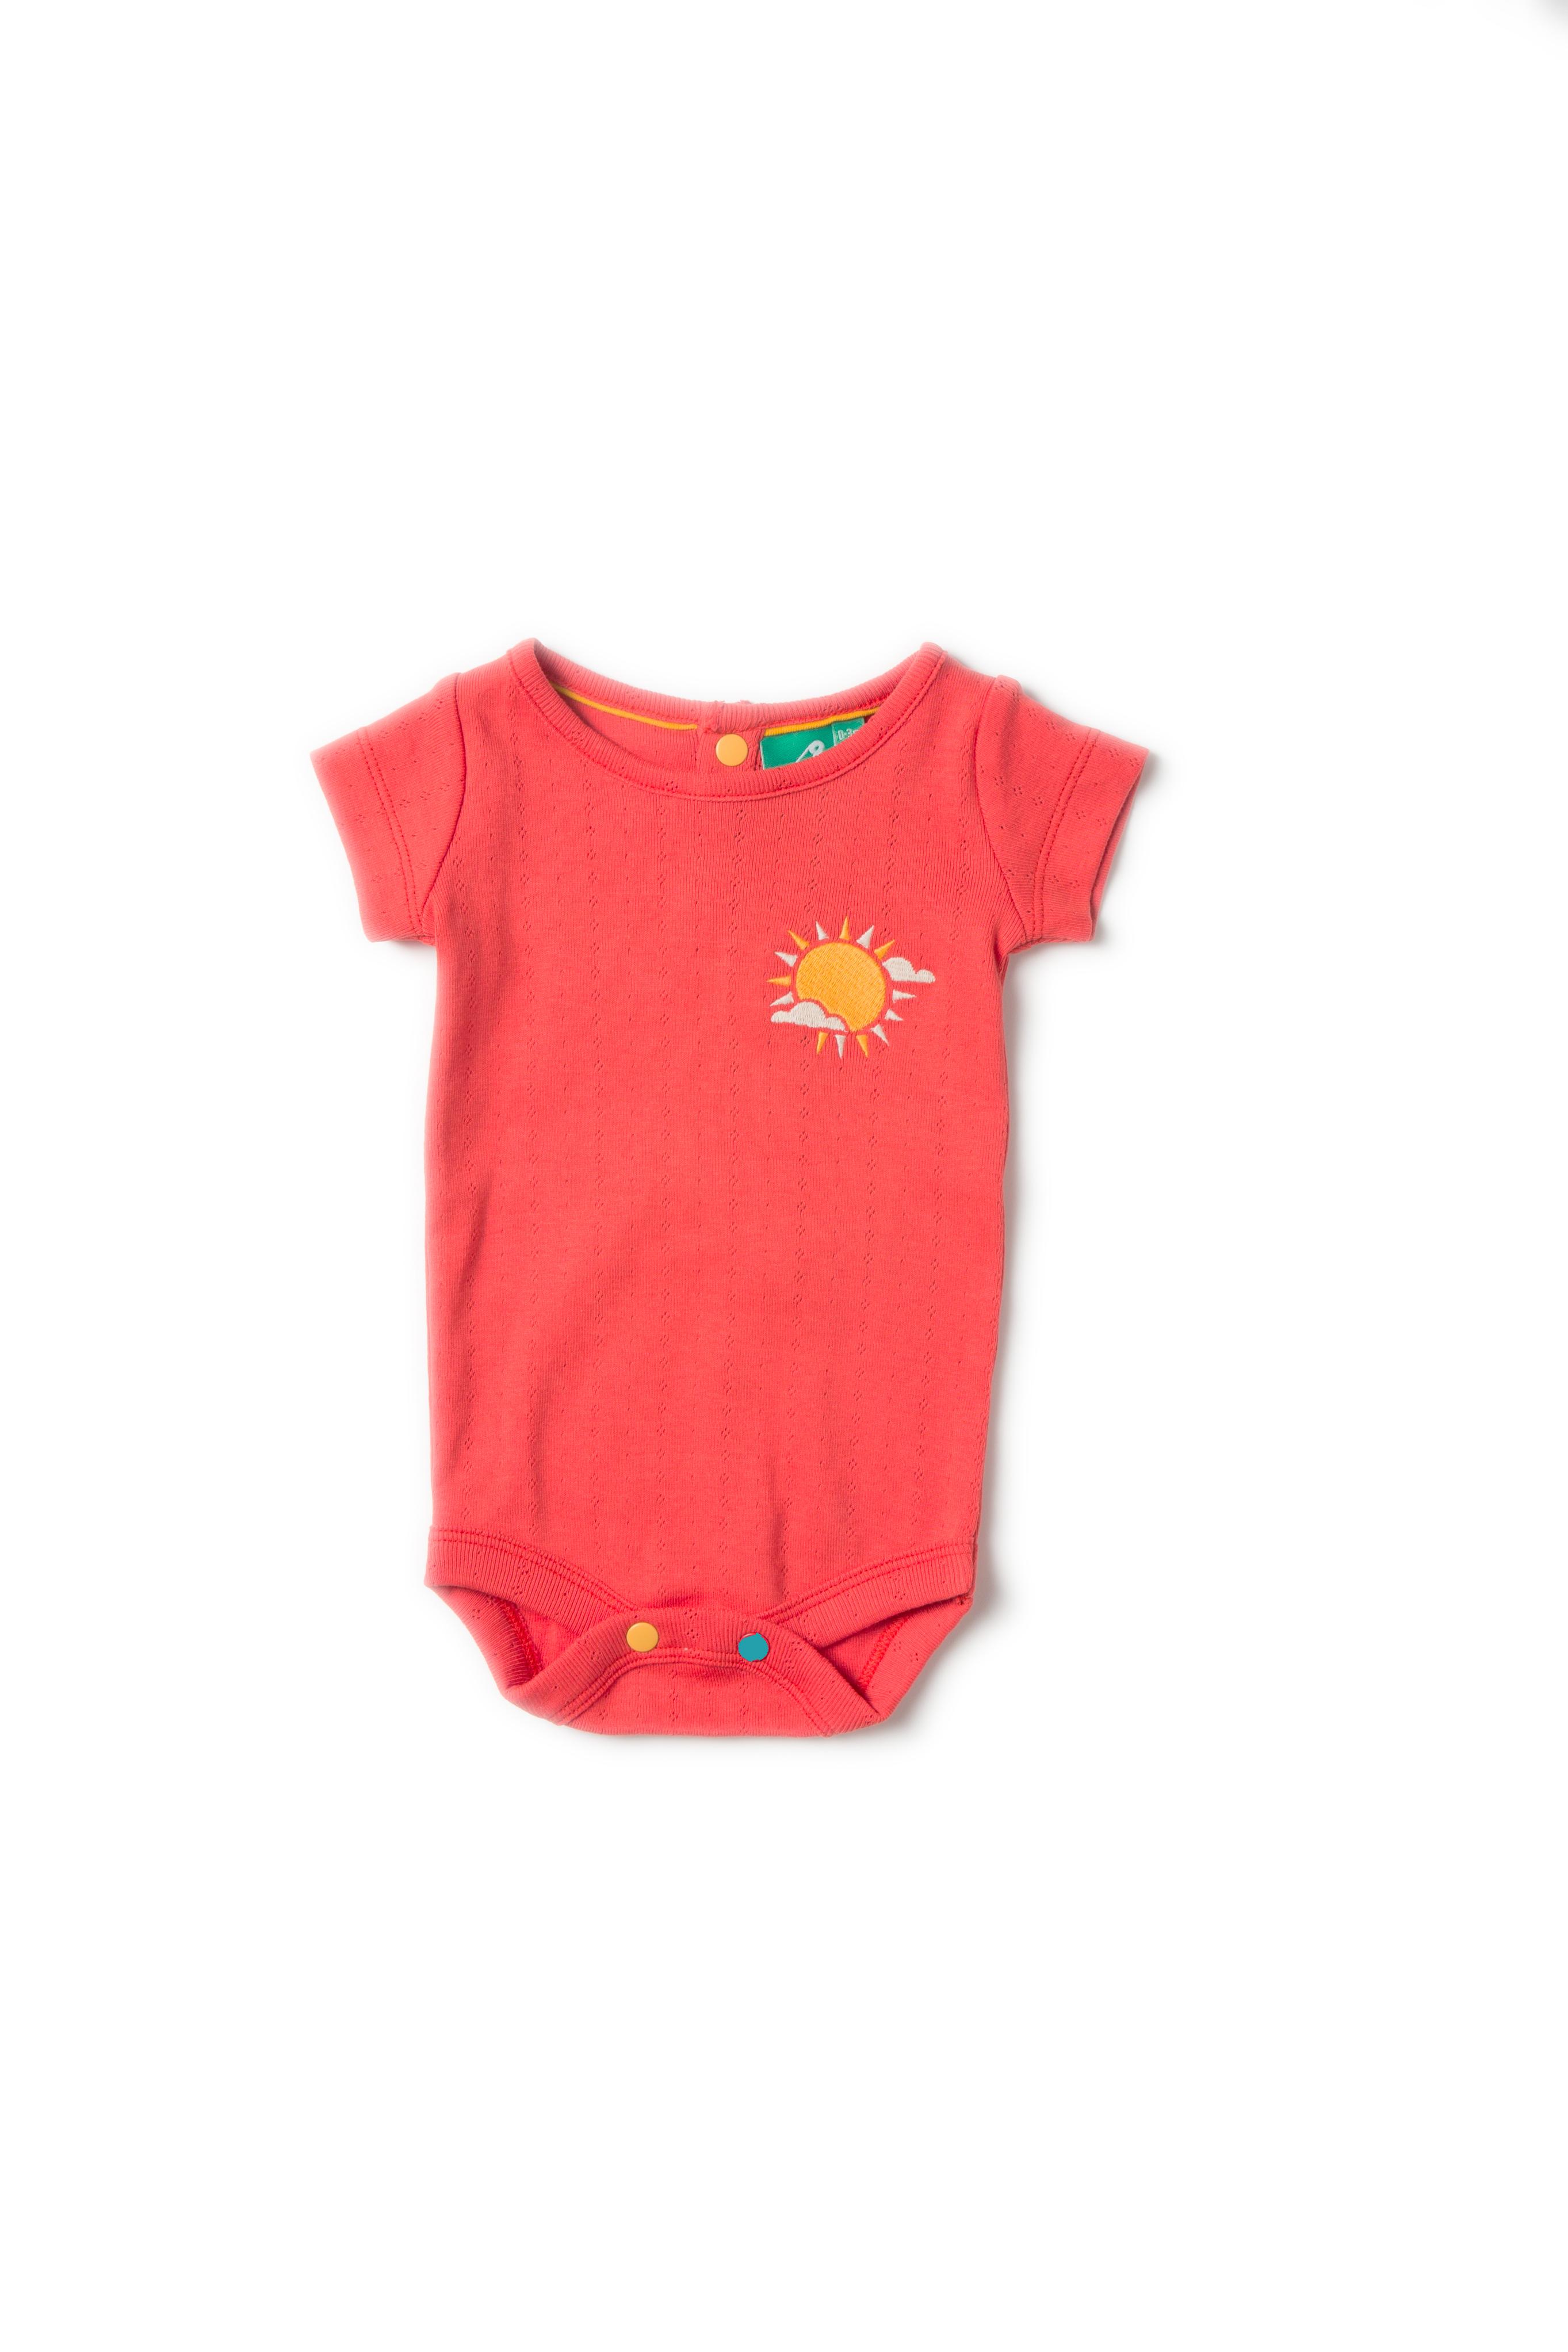 LGR- Red baby body